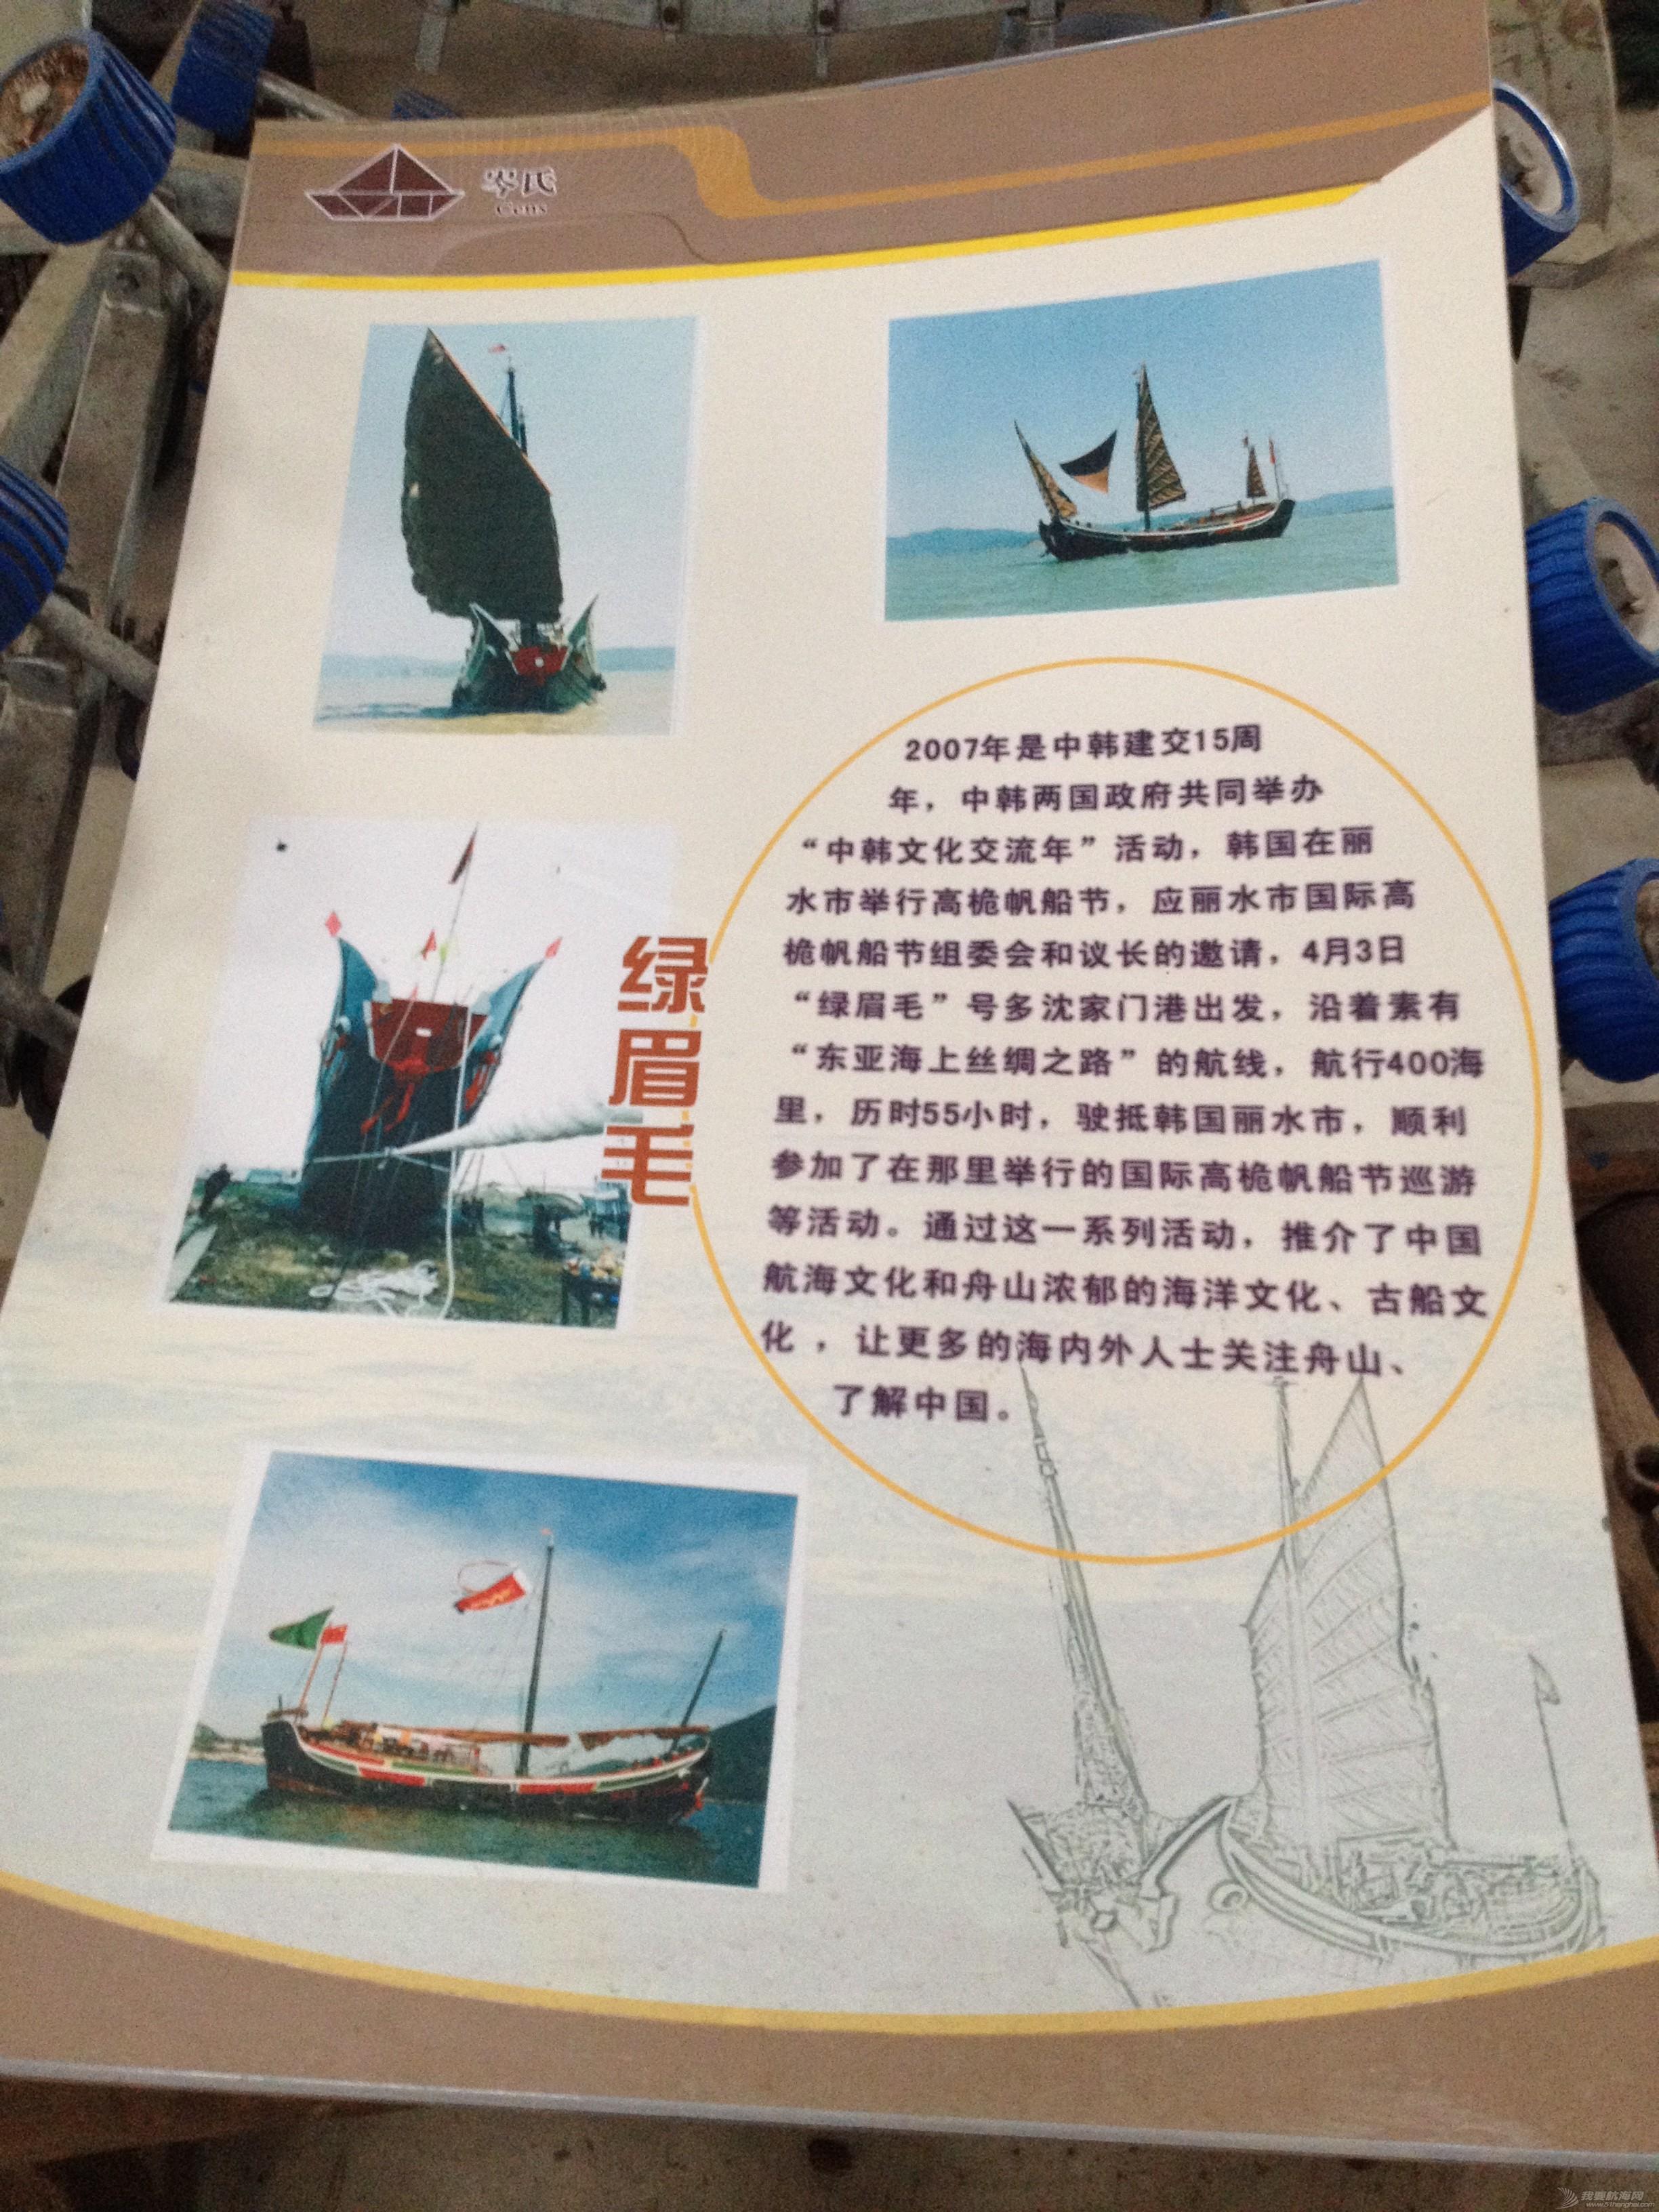 中式风格,交通运输,造船厂,朱家尖,对抗赛 全球首次中式帆船比赛可能会在舟山举行 IMG_7902.JPG